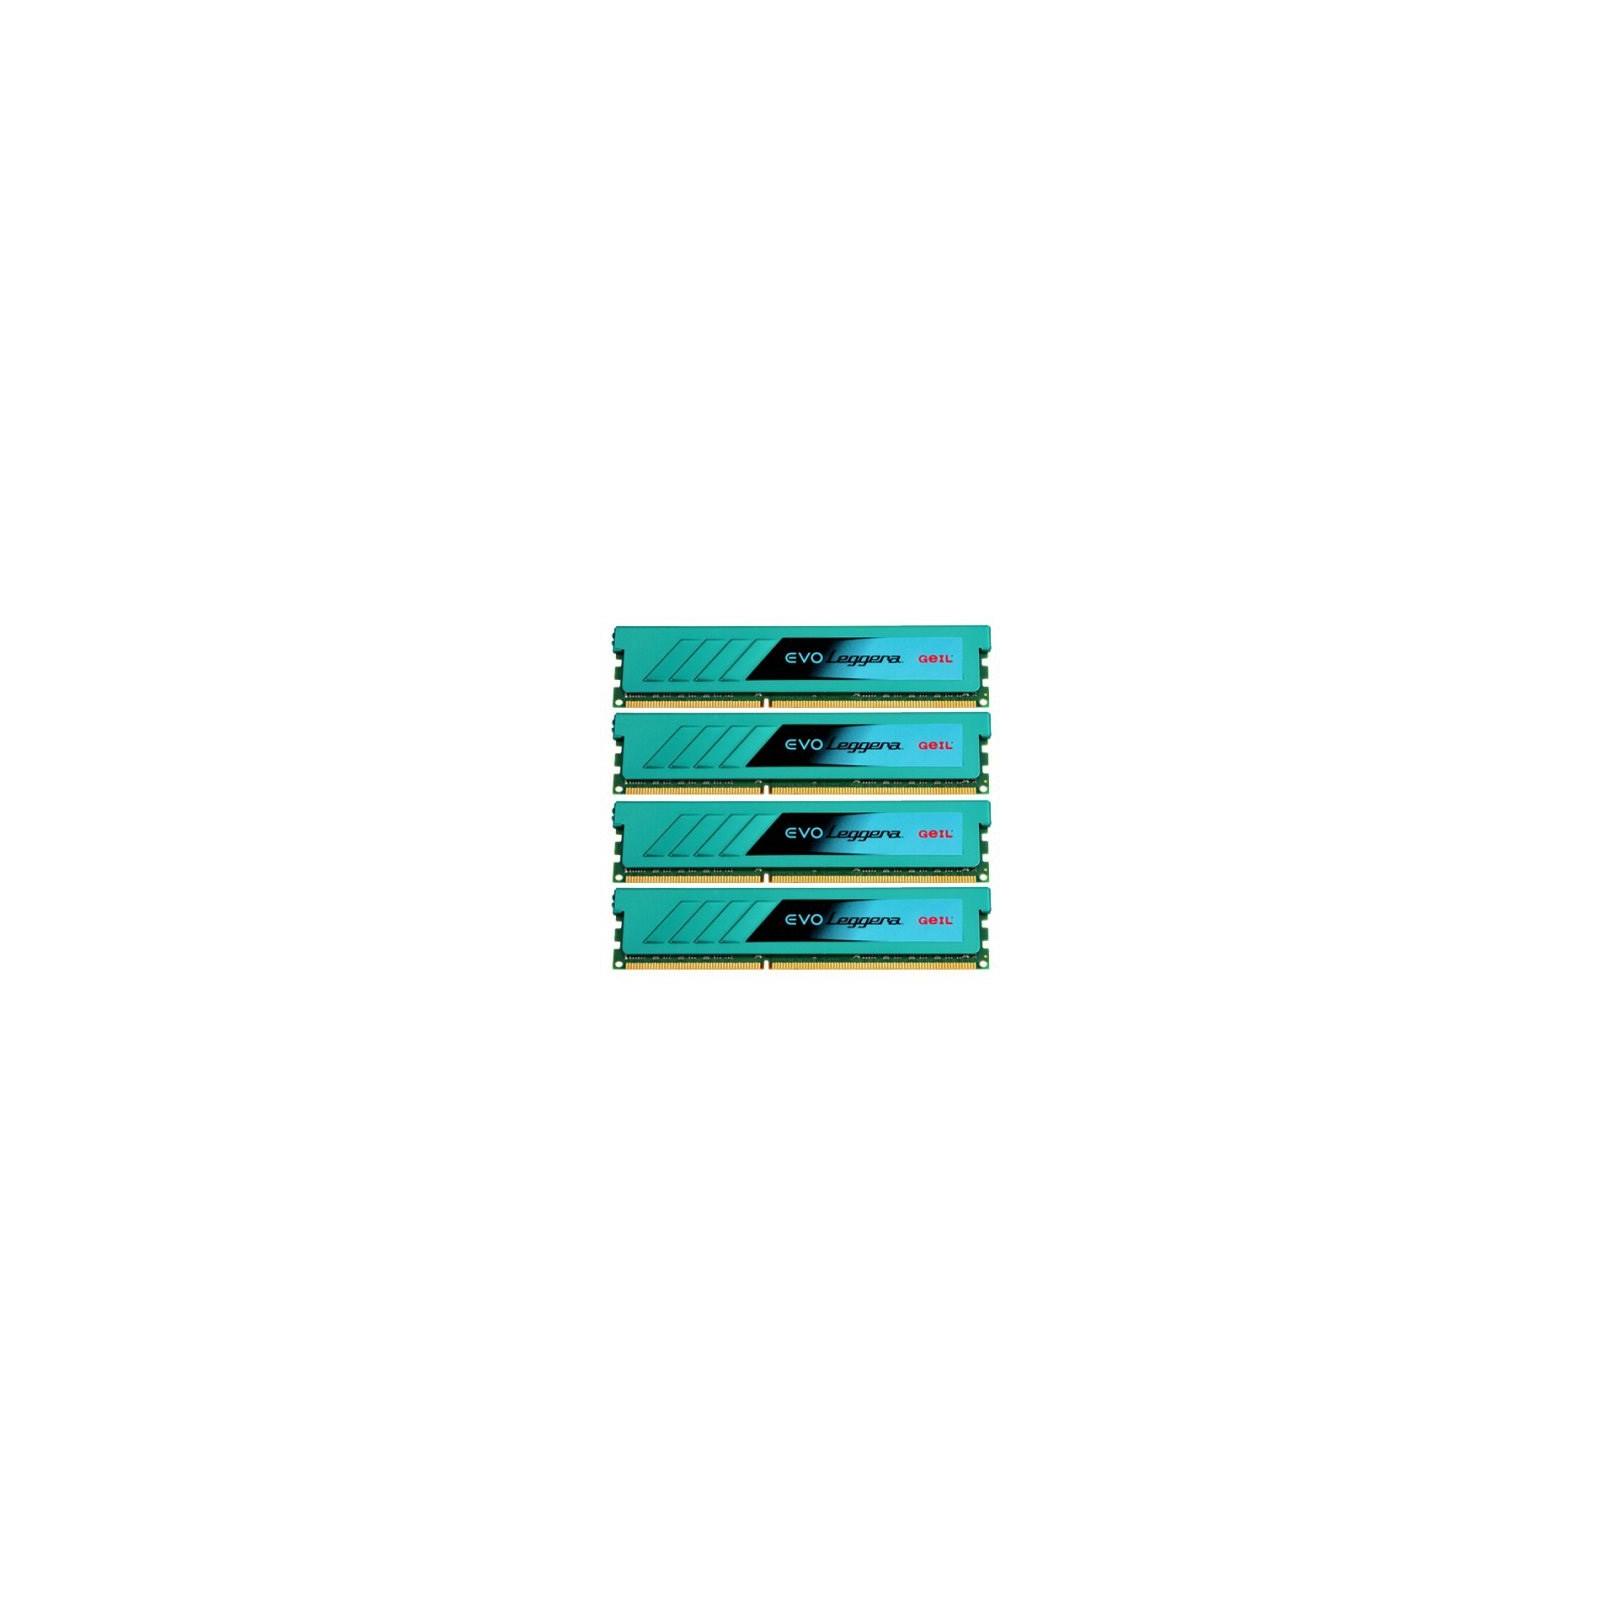 Модуль памяти для компьютера DDR3 16GB (4x4GB) 2133 MHz GEIL (GEL316GB2133C11QC)